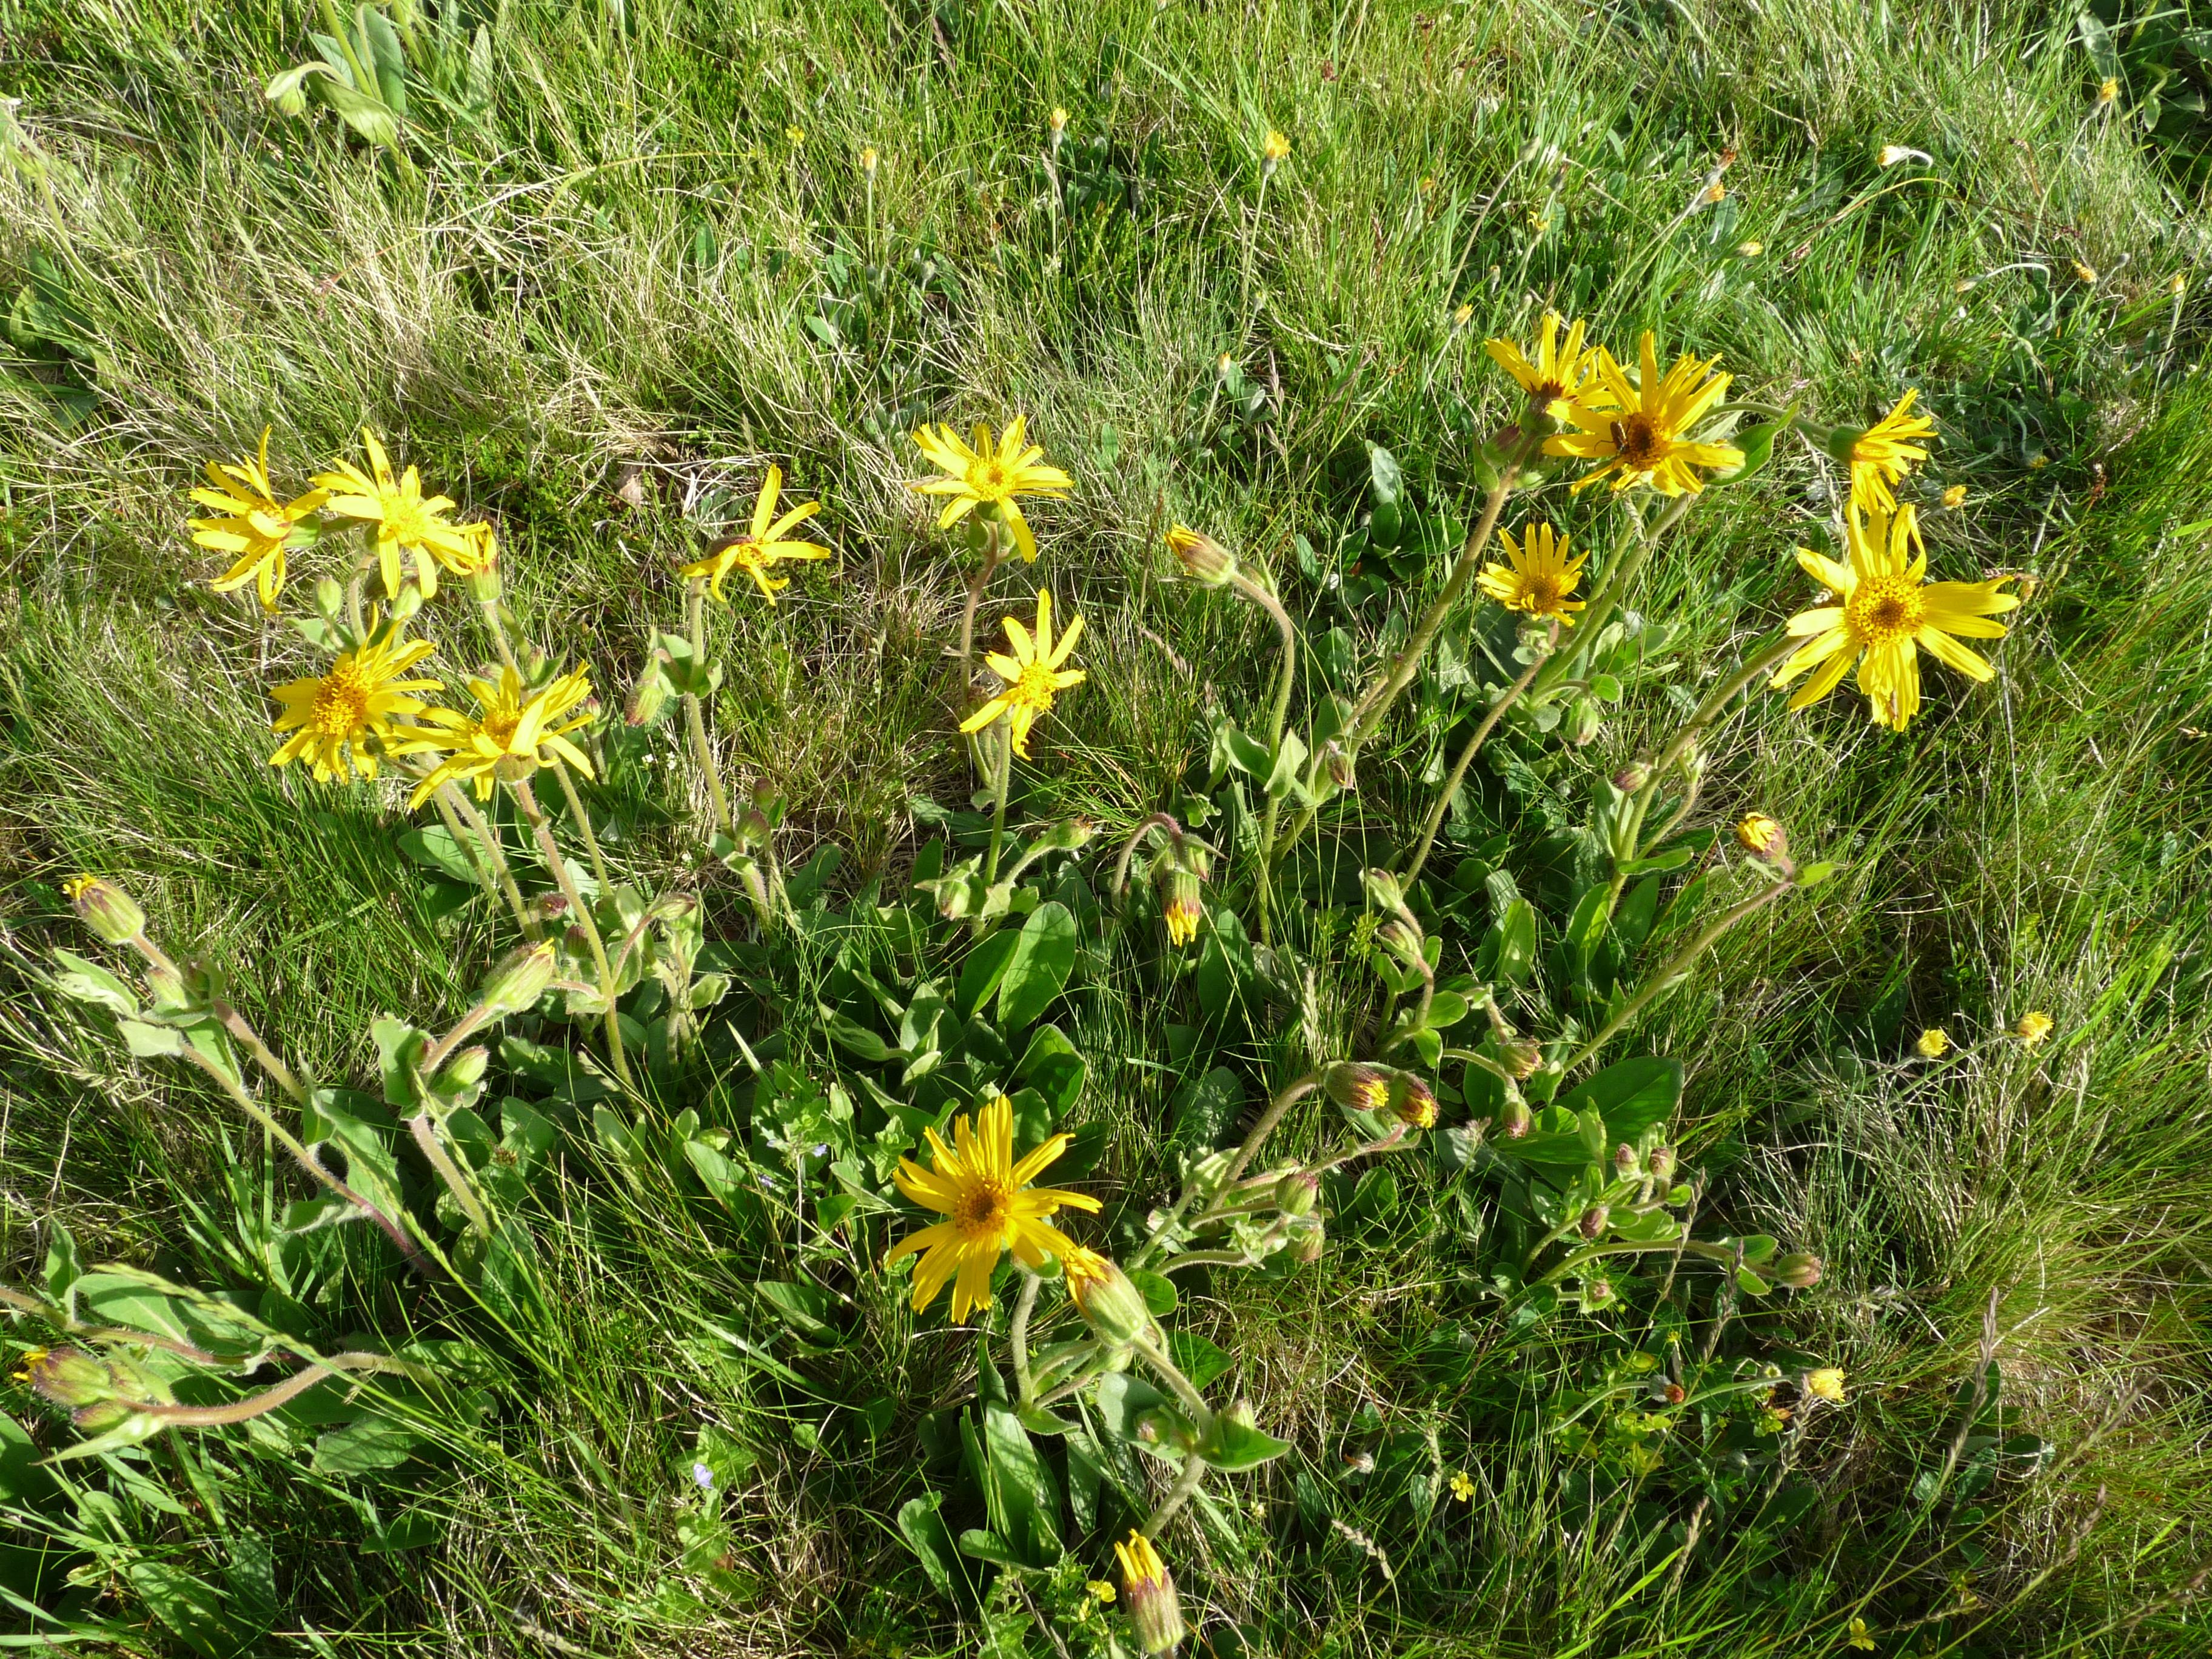 Arnica-montana-Allerbachwiesen-Trautenstein-04.06.17-Tim-Meier-3